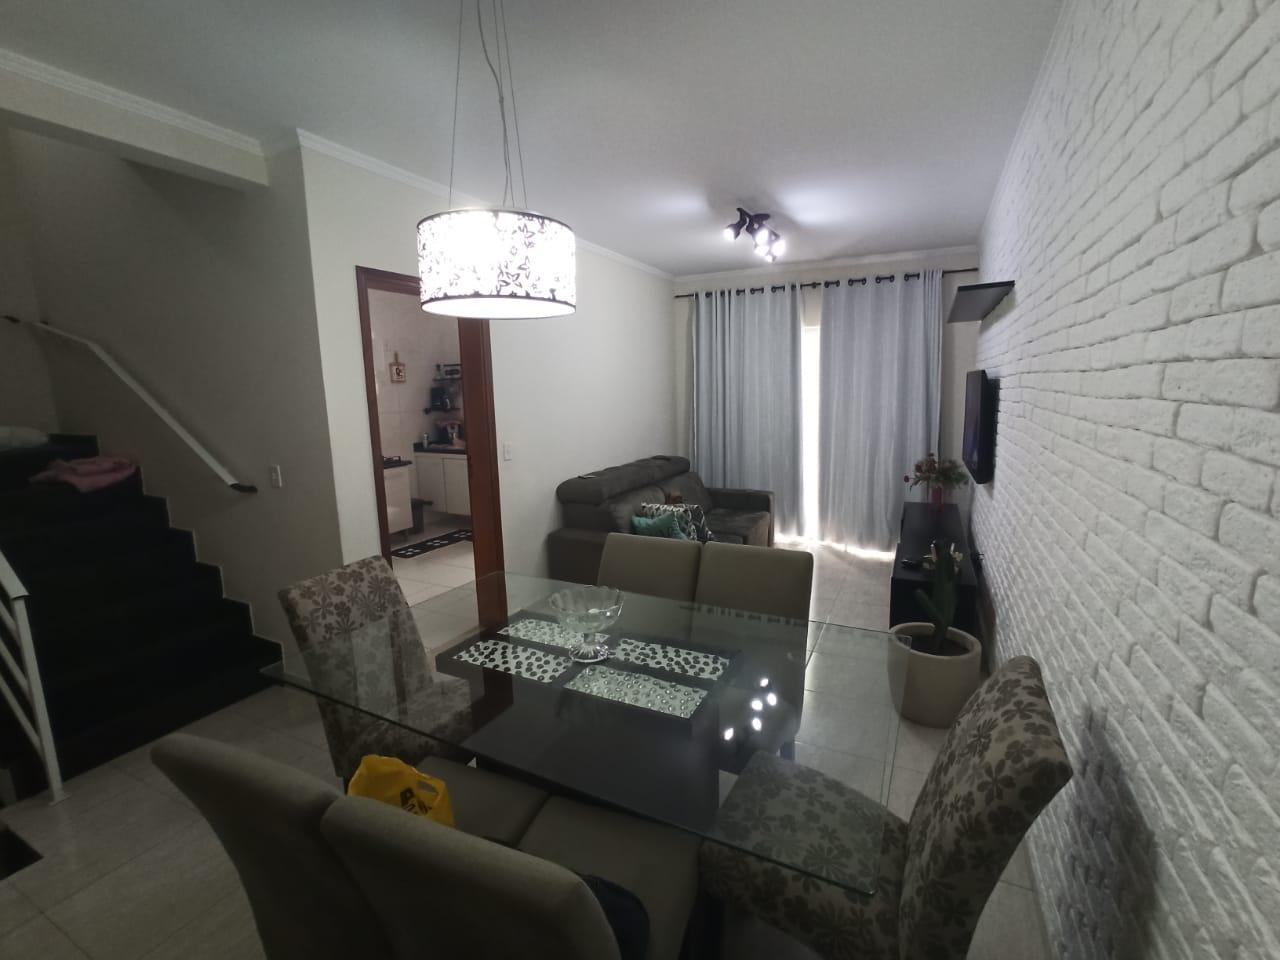 Casa com 3 quartos, sendo um suíte, sala 2 ambientes, três banheiros e duas vagas de garagem. - foto 3